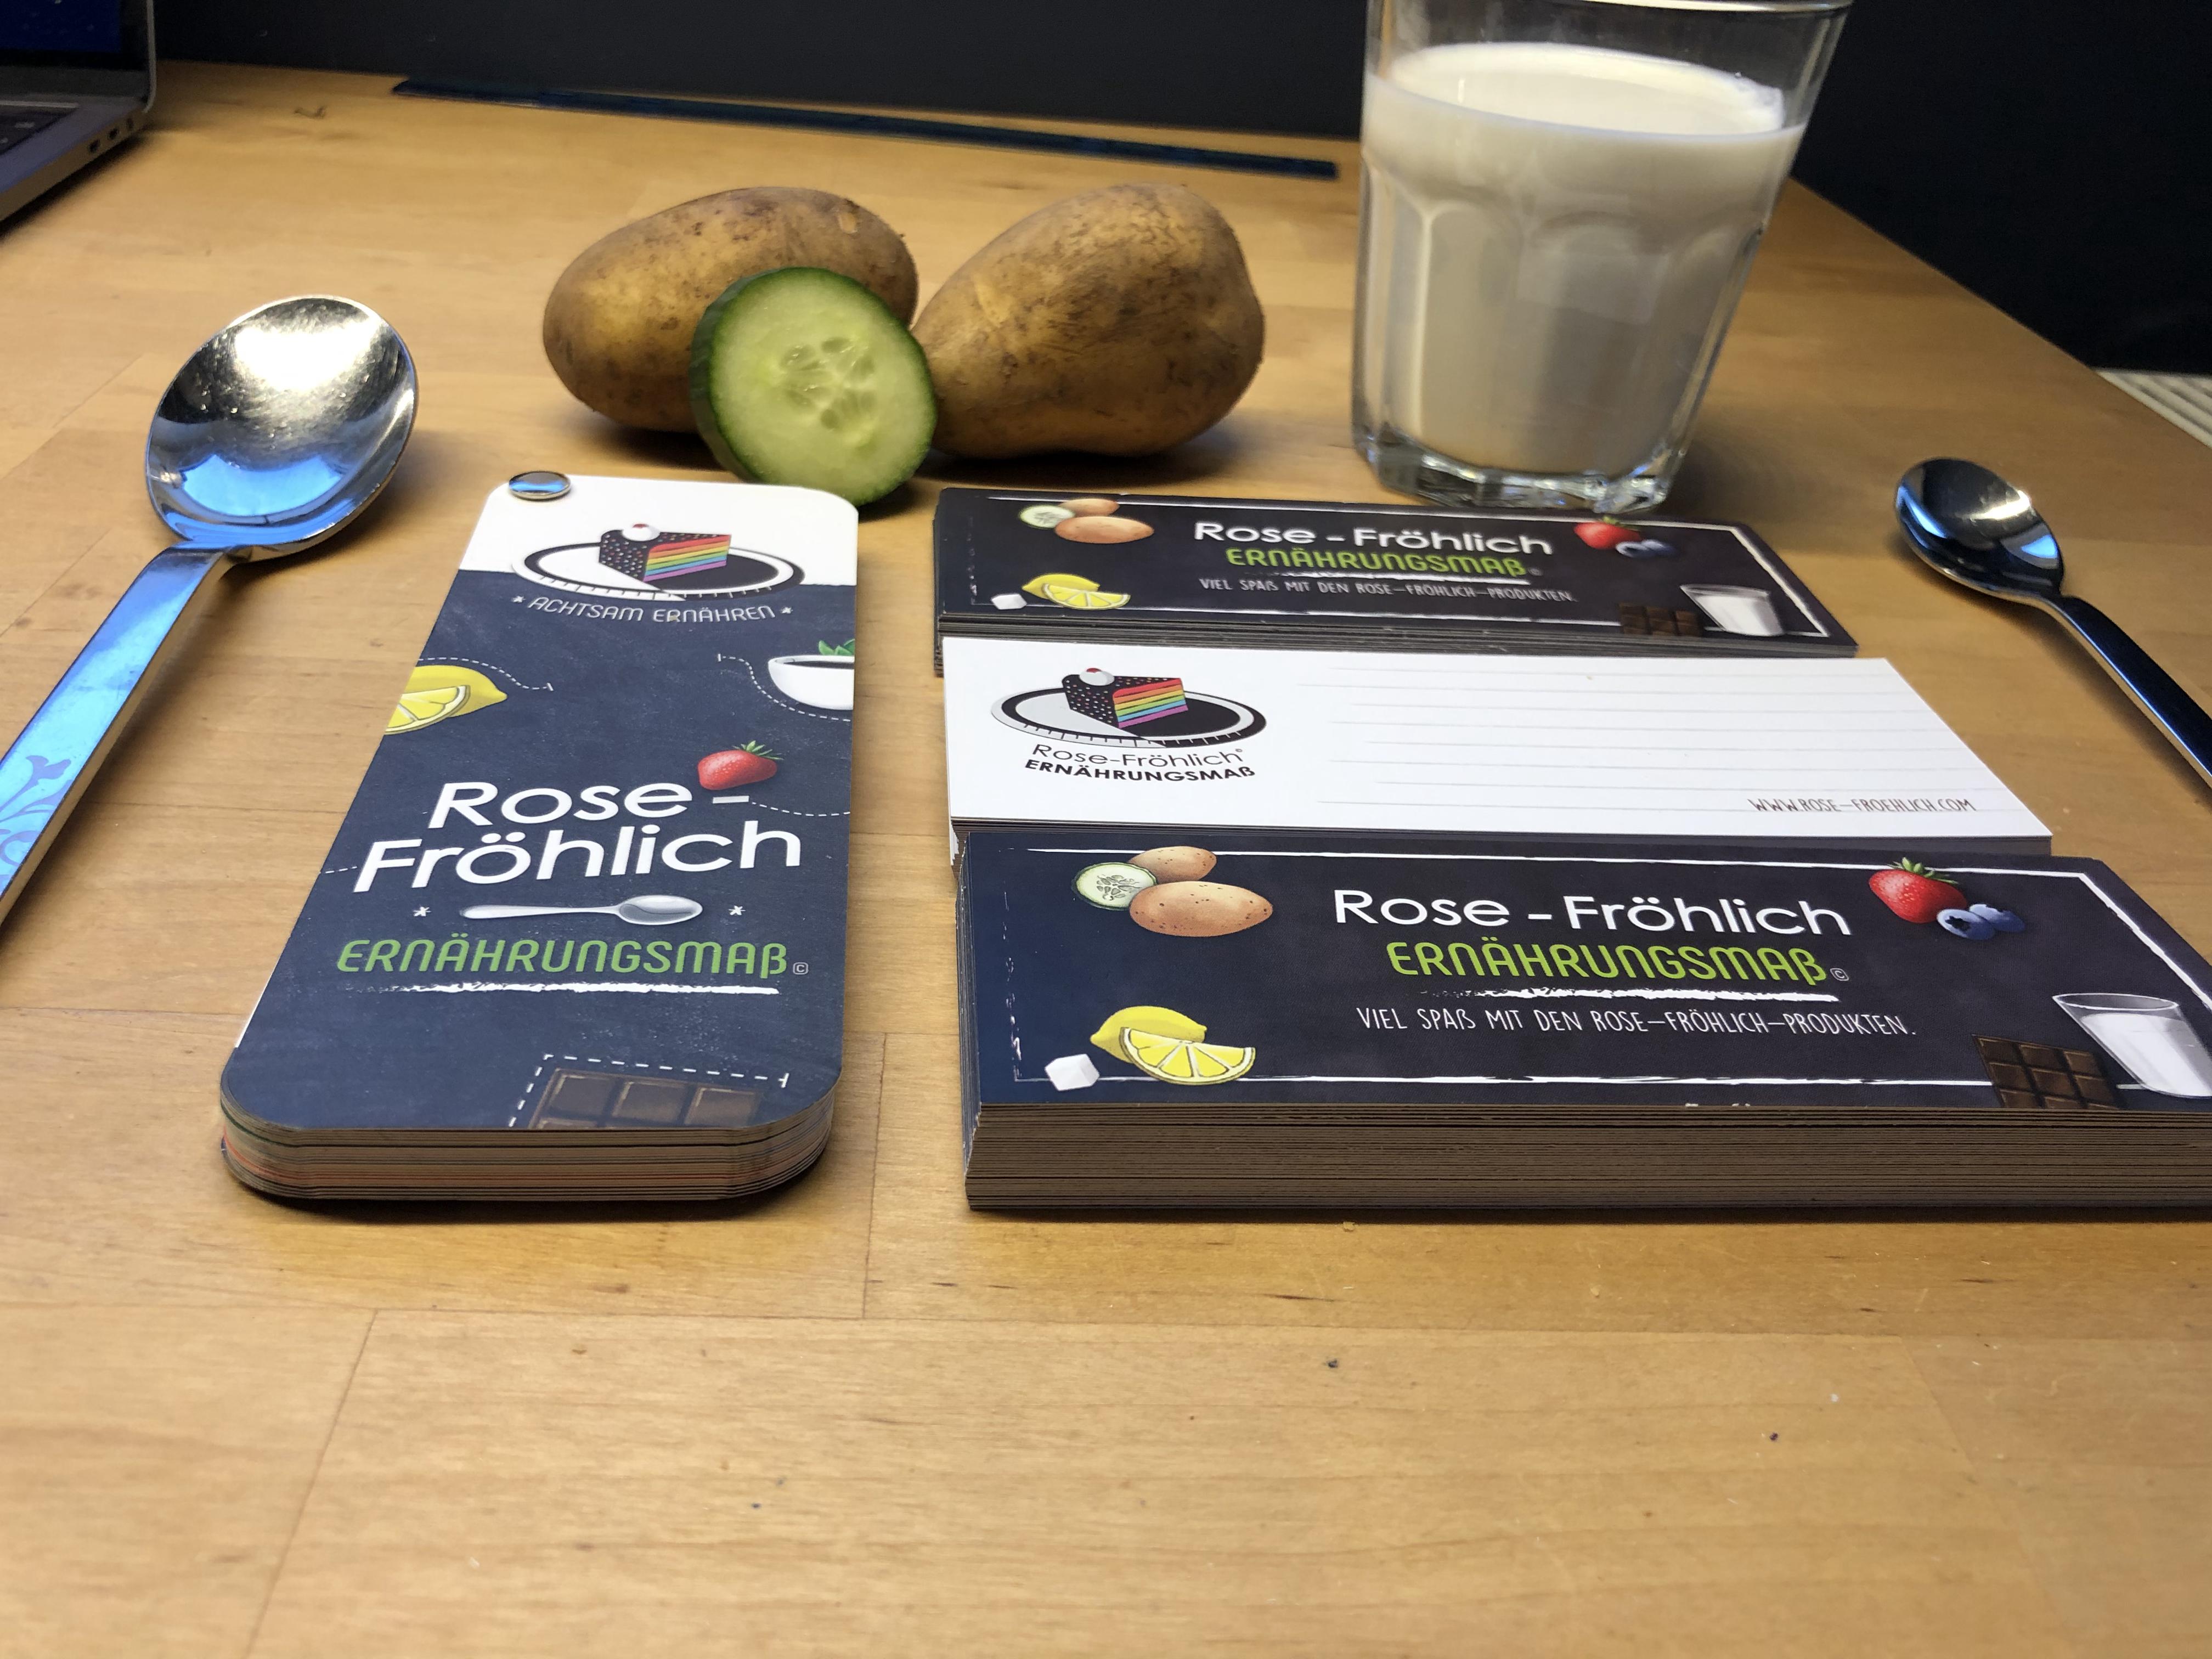 Lesezeichen Ernährungsmaß